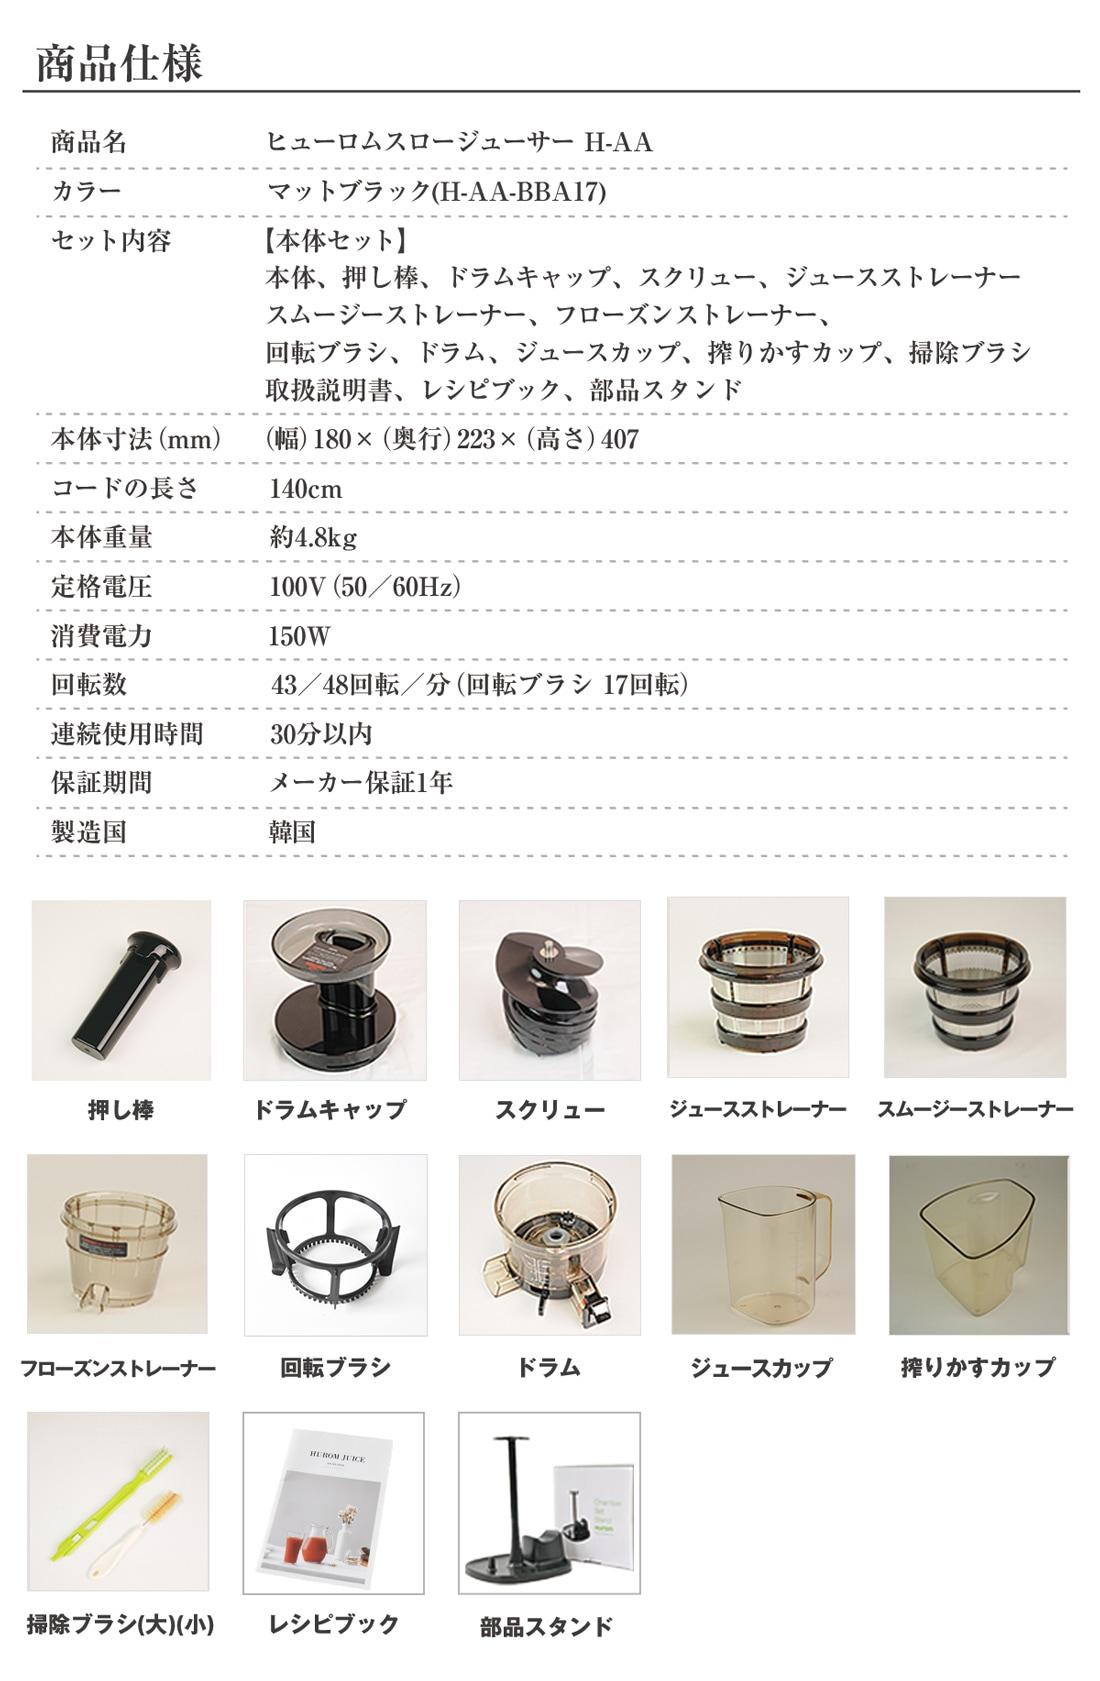 ヒューロムスロージューサーH-AA商品仕様